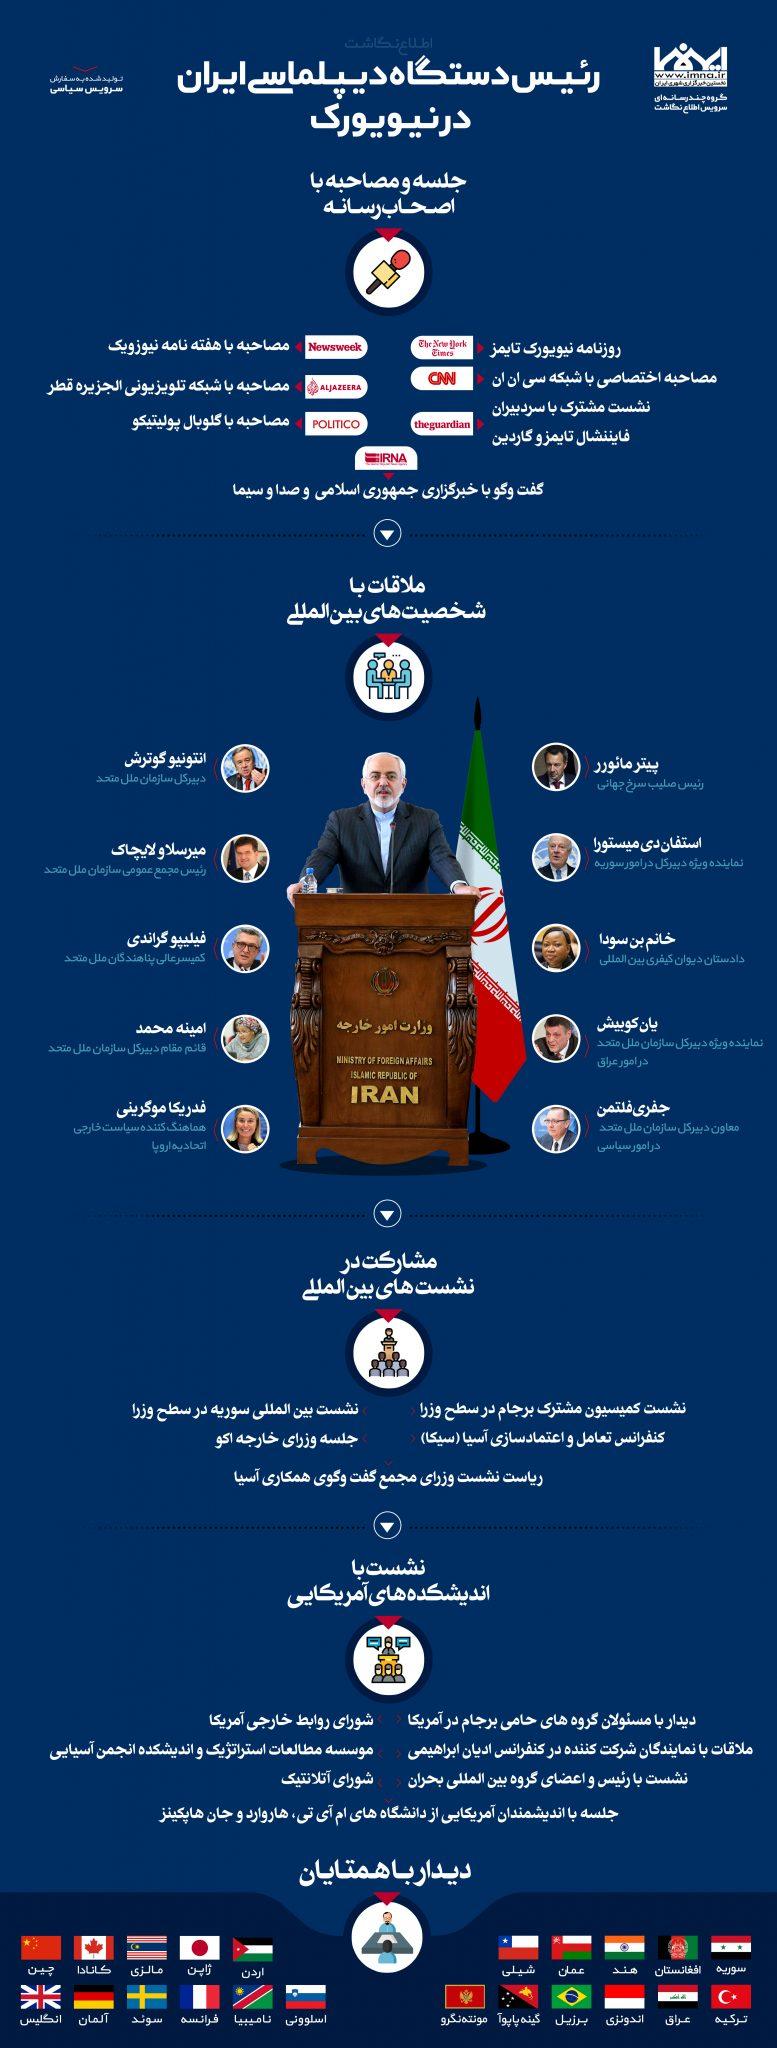 اینفوگرافیک رئیس دستگاه دیپلماسی ایران در نیویورک